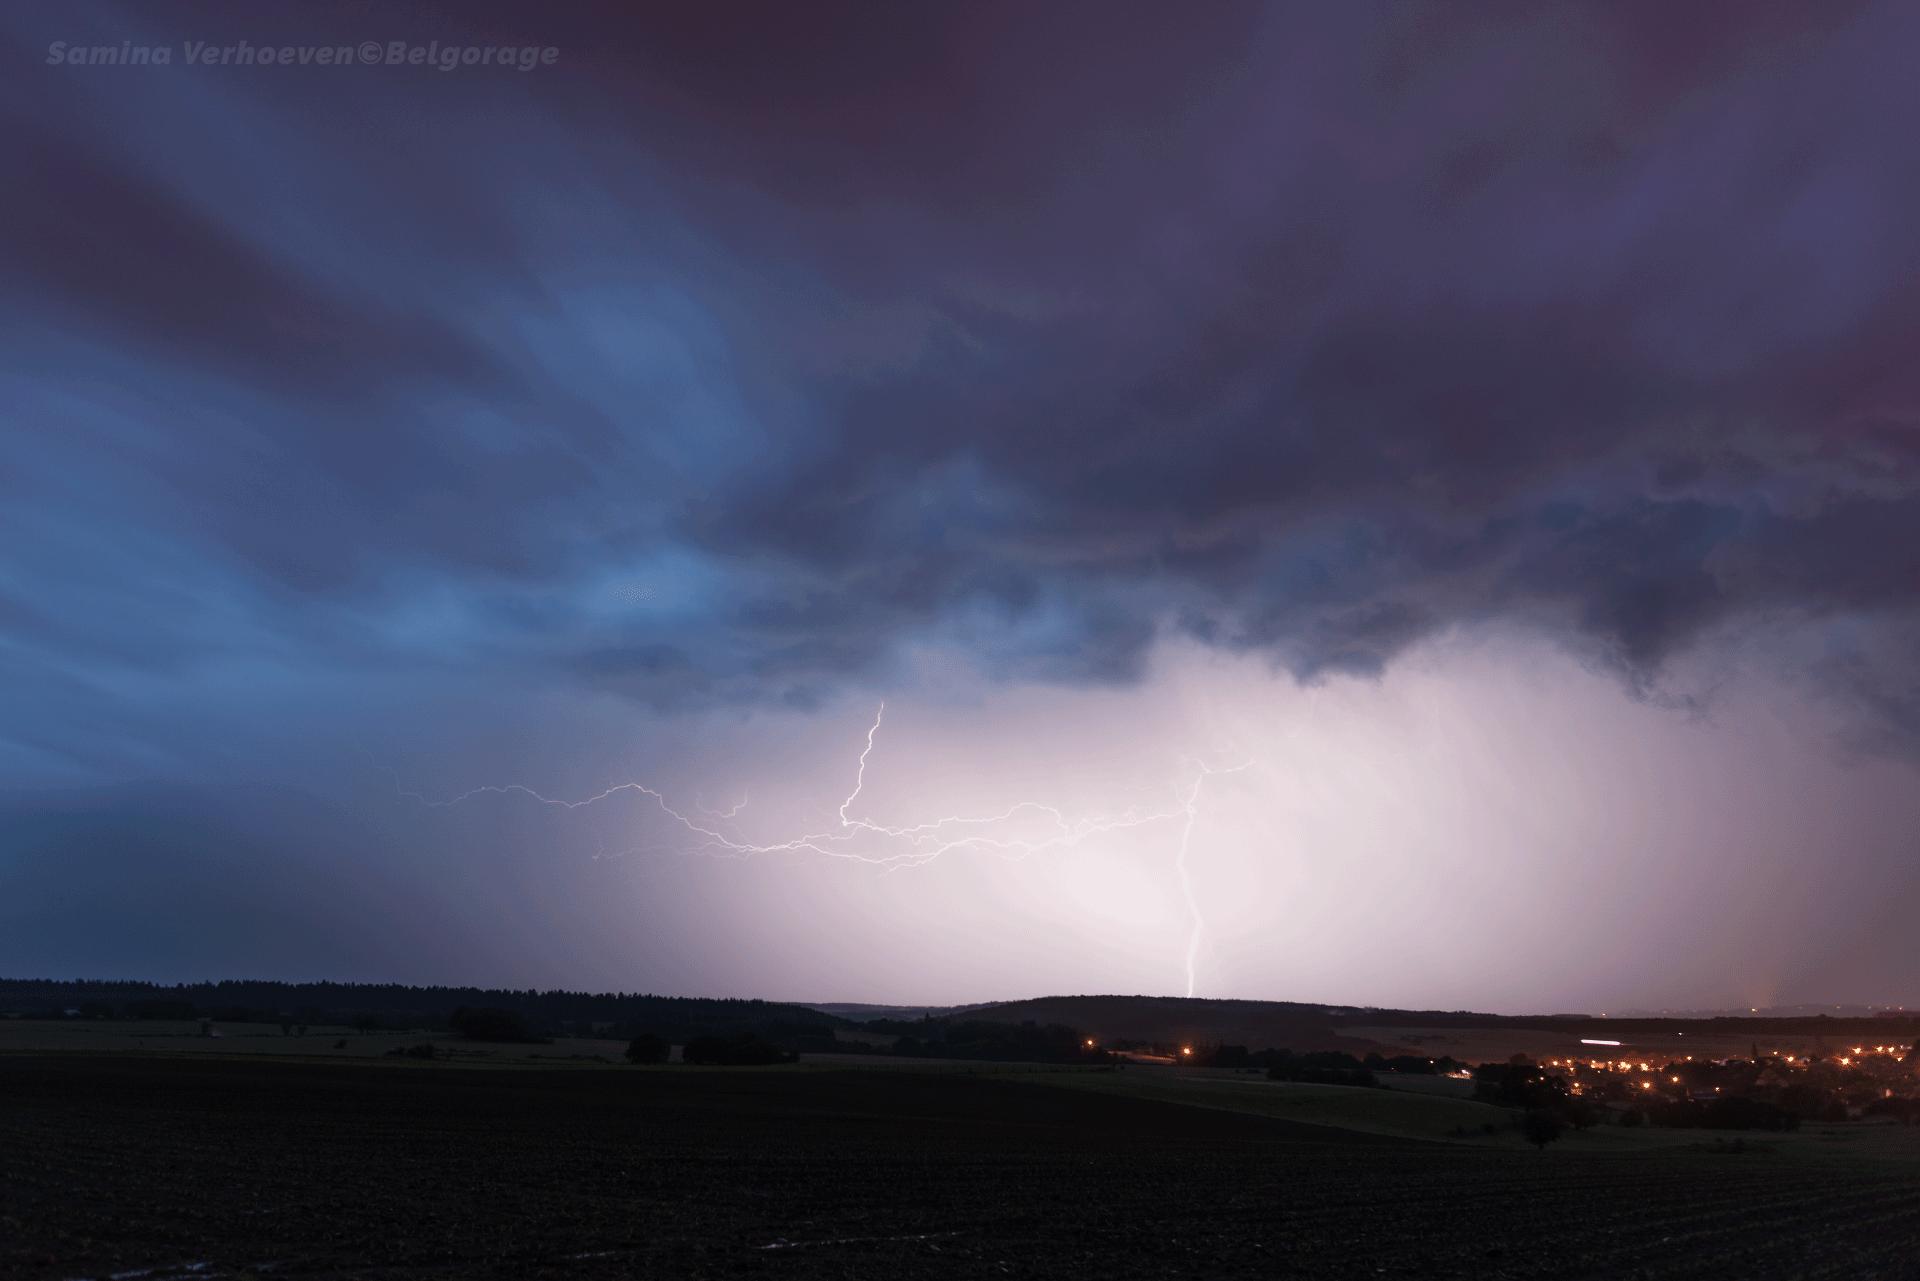 Coup de foudre sévissant à l'arrière d'un orage multicellulaire de type écho en arc vers la région de Bande en province de Luxembourg. Crédit photo : Samina Verhoeven